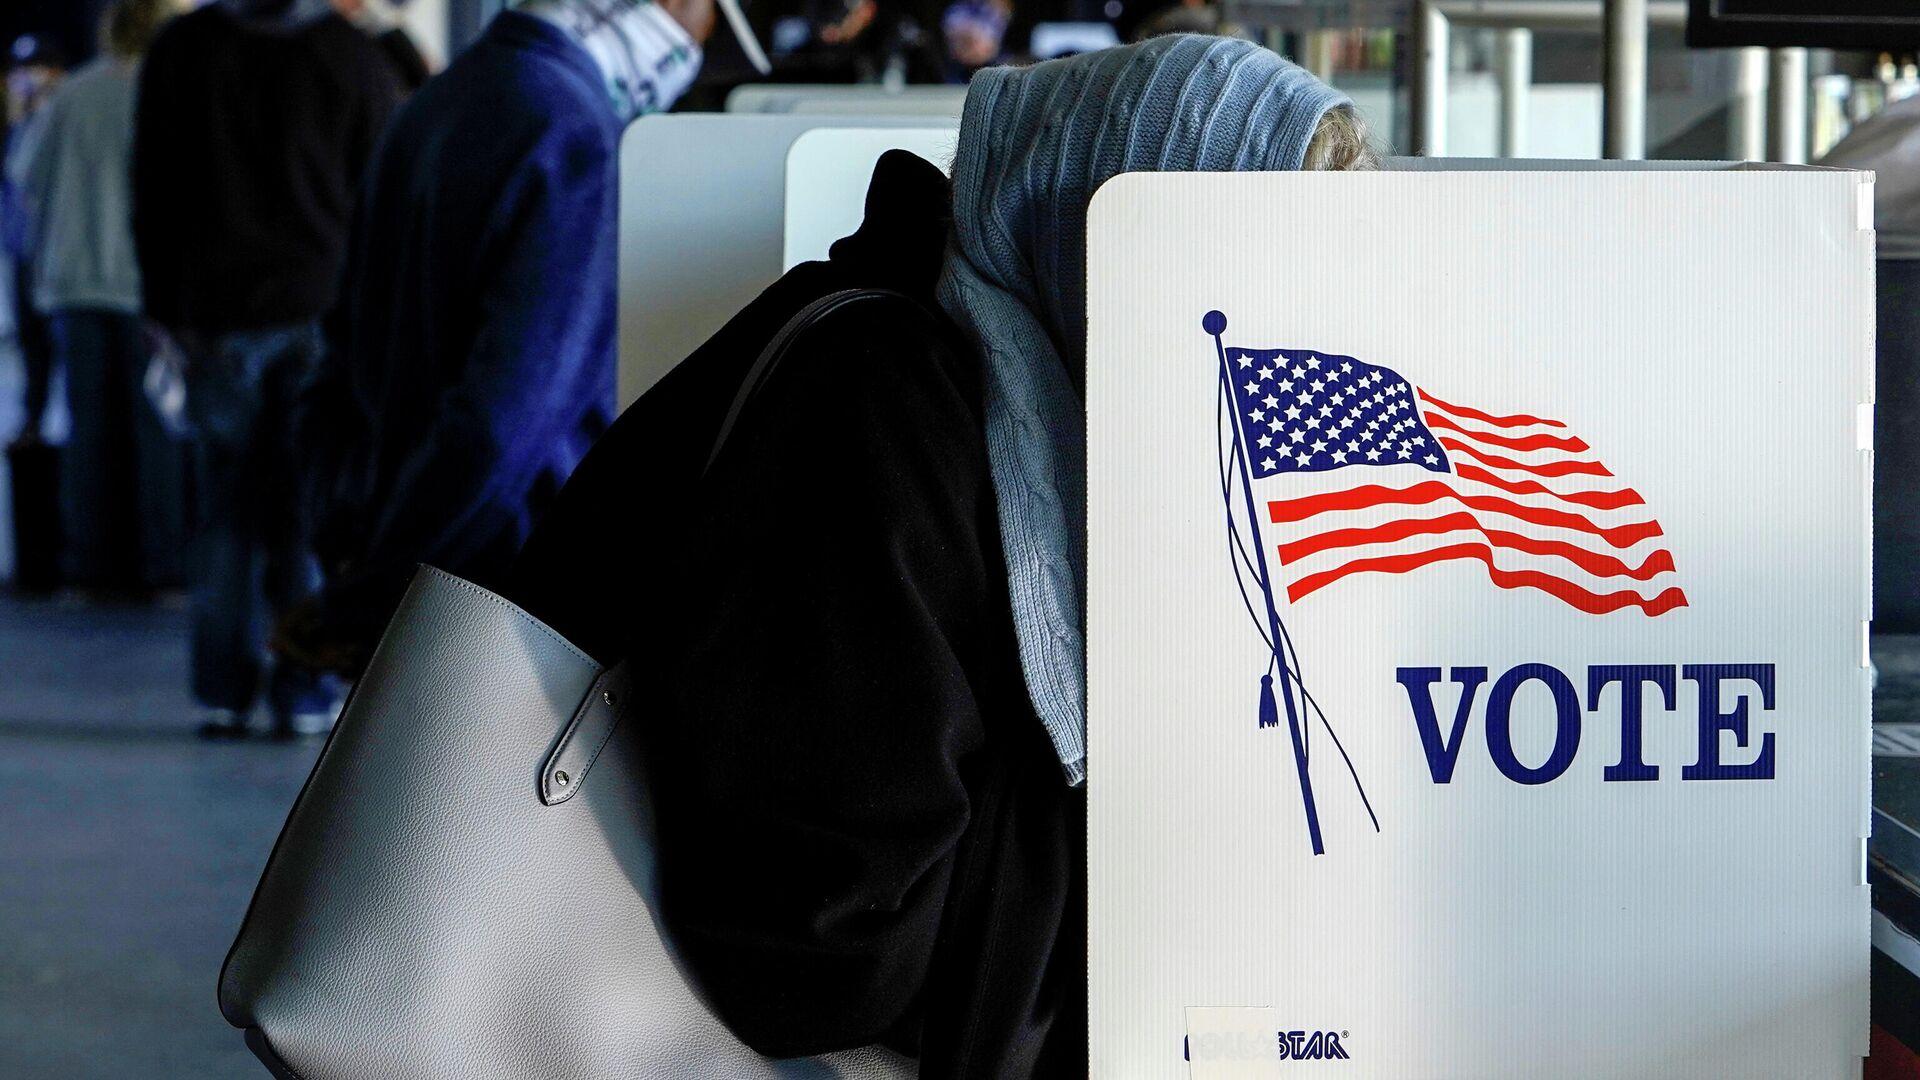 Досрочное голосование в Талсе, штат Оклахома, США. 30 октября 2020 года - РИА Новости, 1920, 03.11.2020